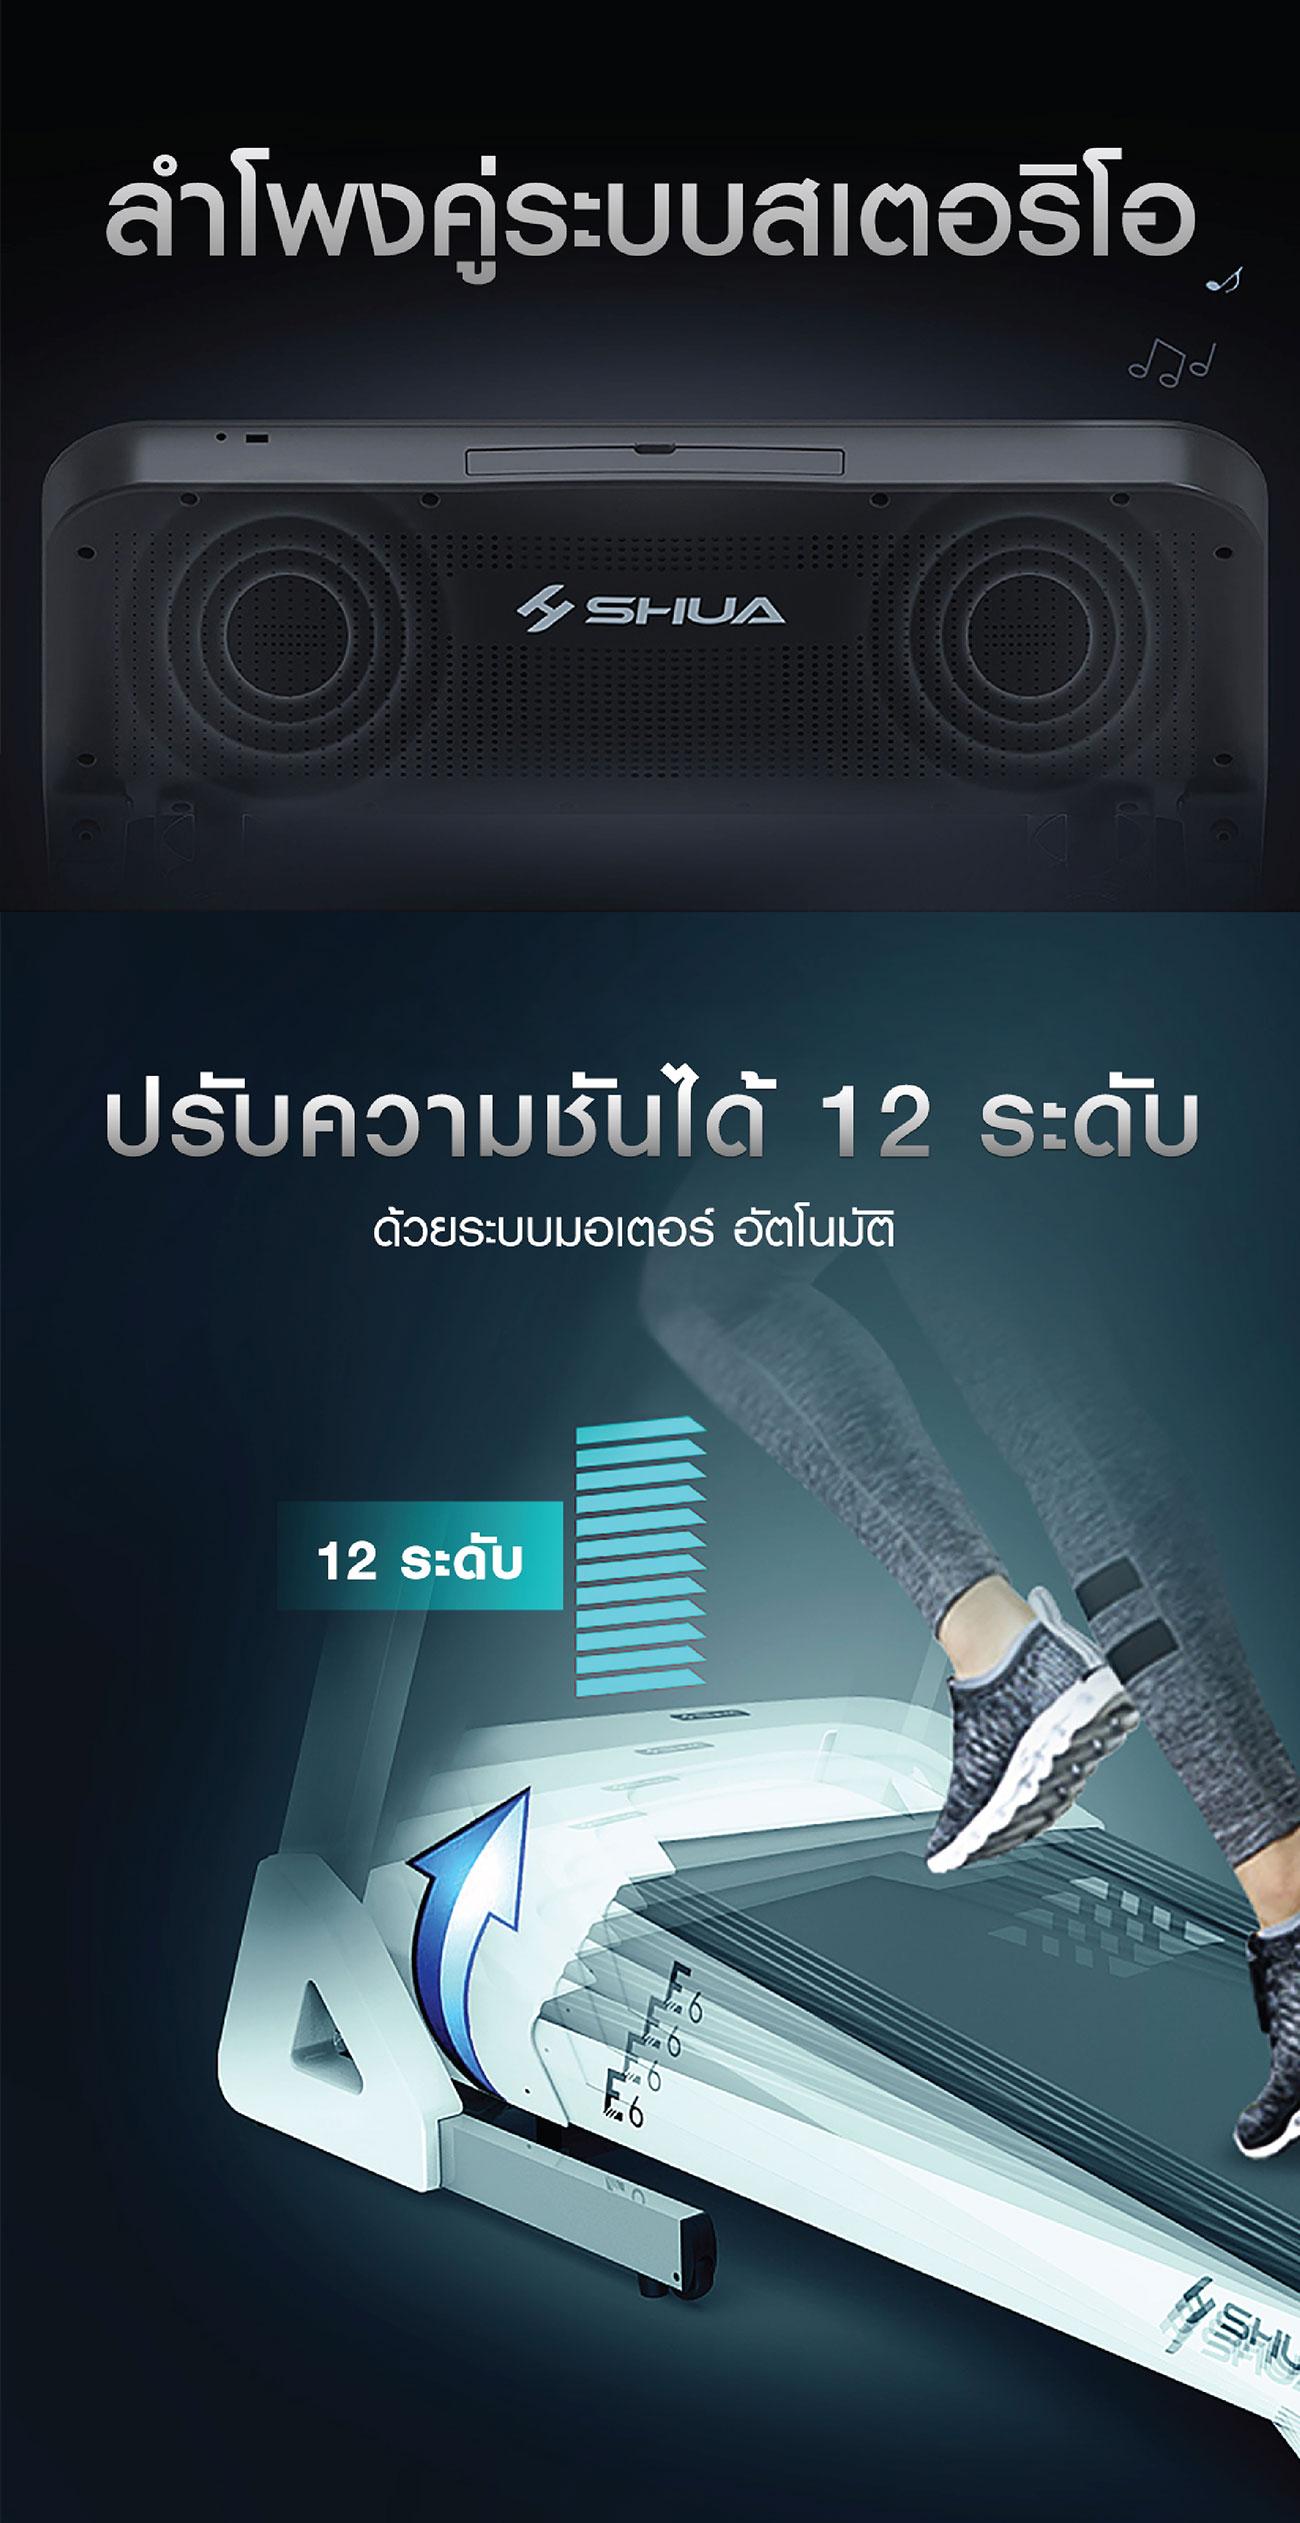 ลู่วิ่งไฟฟ้า 360 องศา ฟิตเนส รุ่น E6